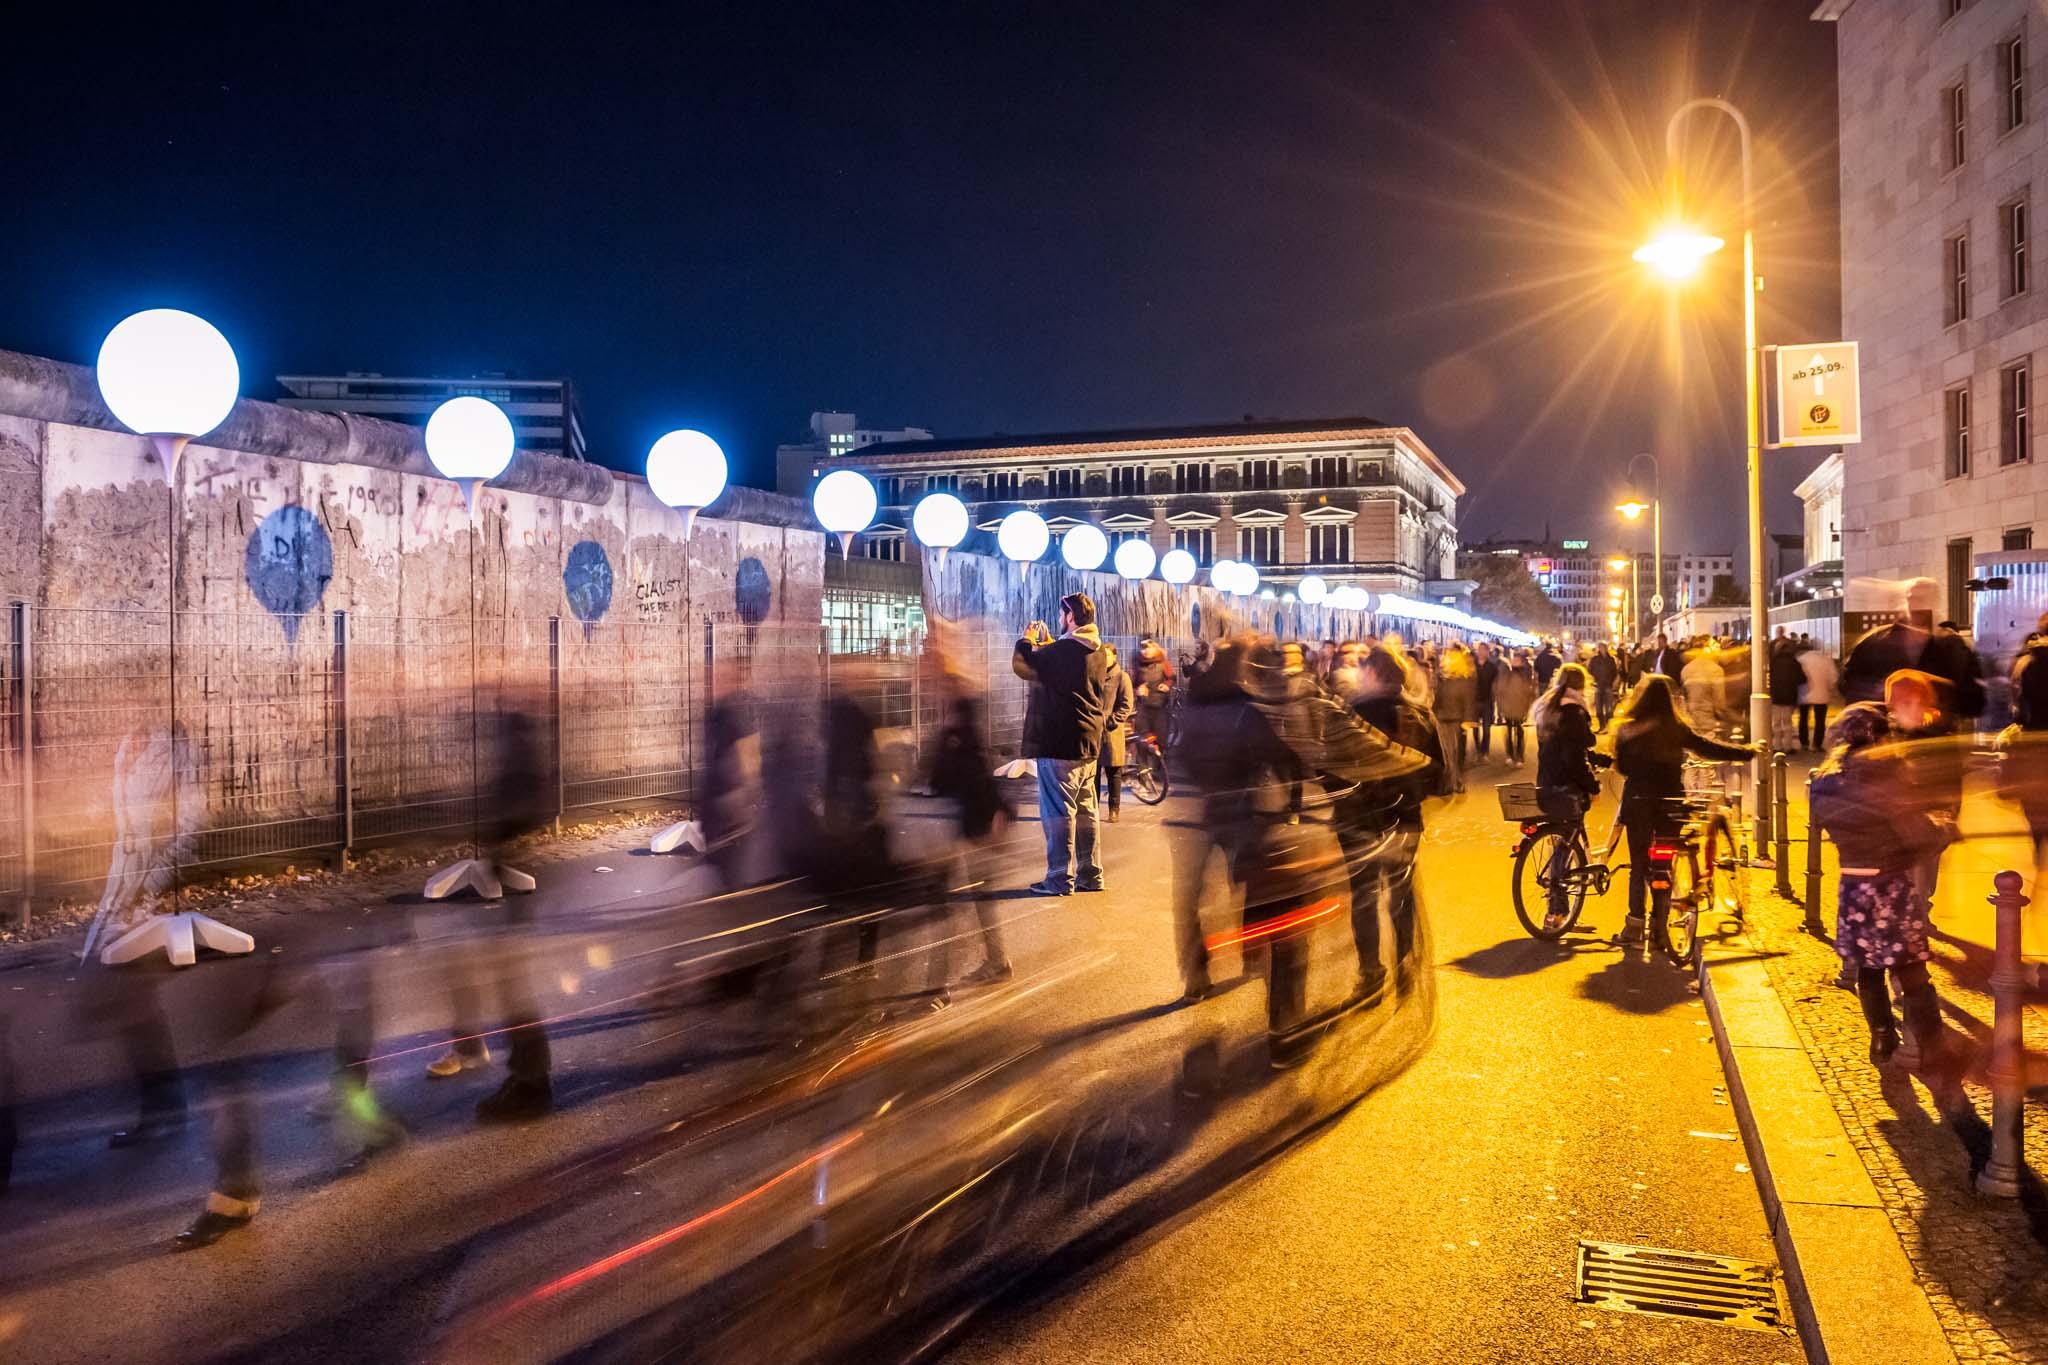 25 Jahre Berliner Mauerfall & Lichtgrenze.